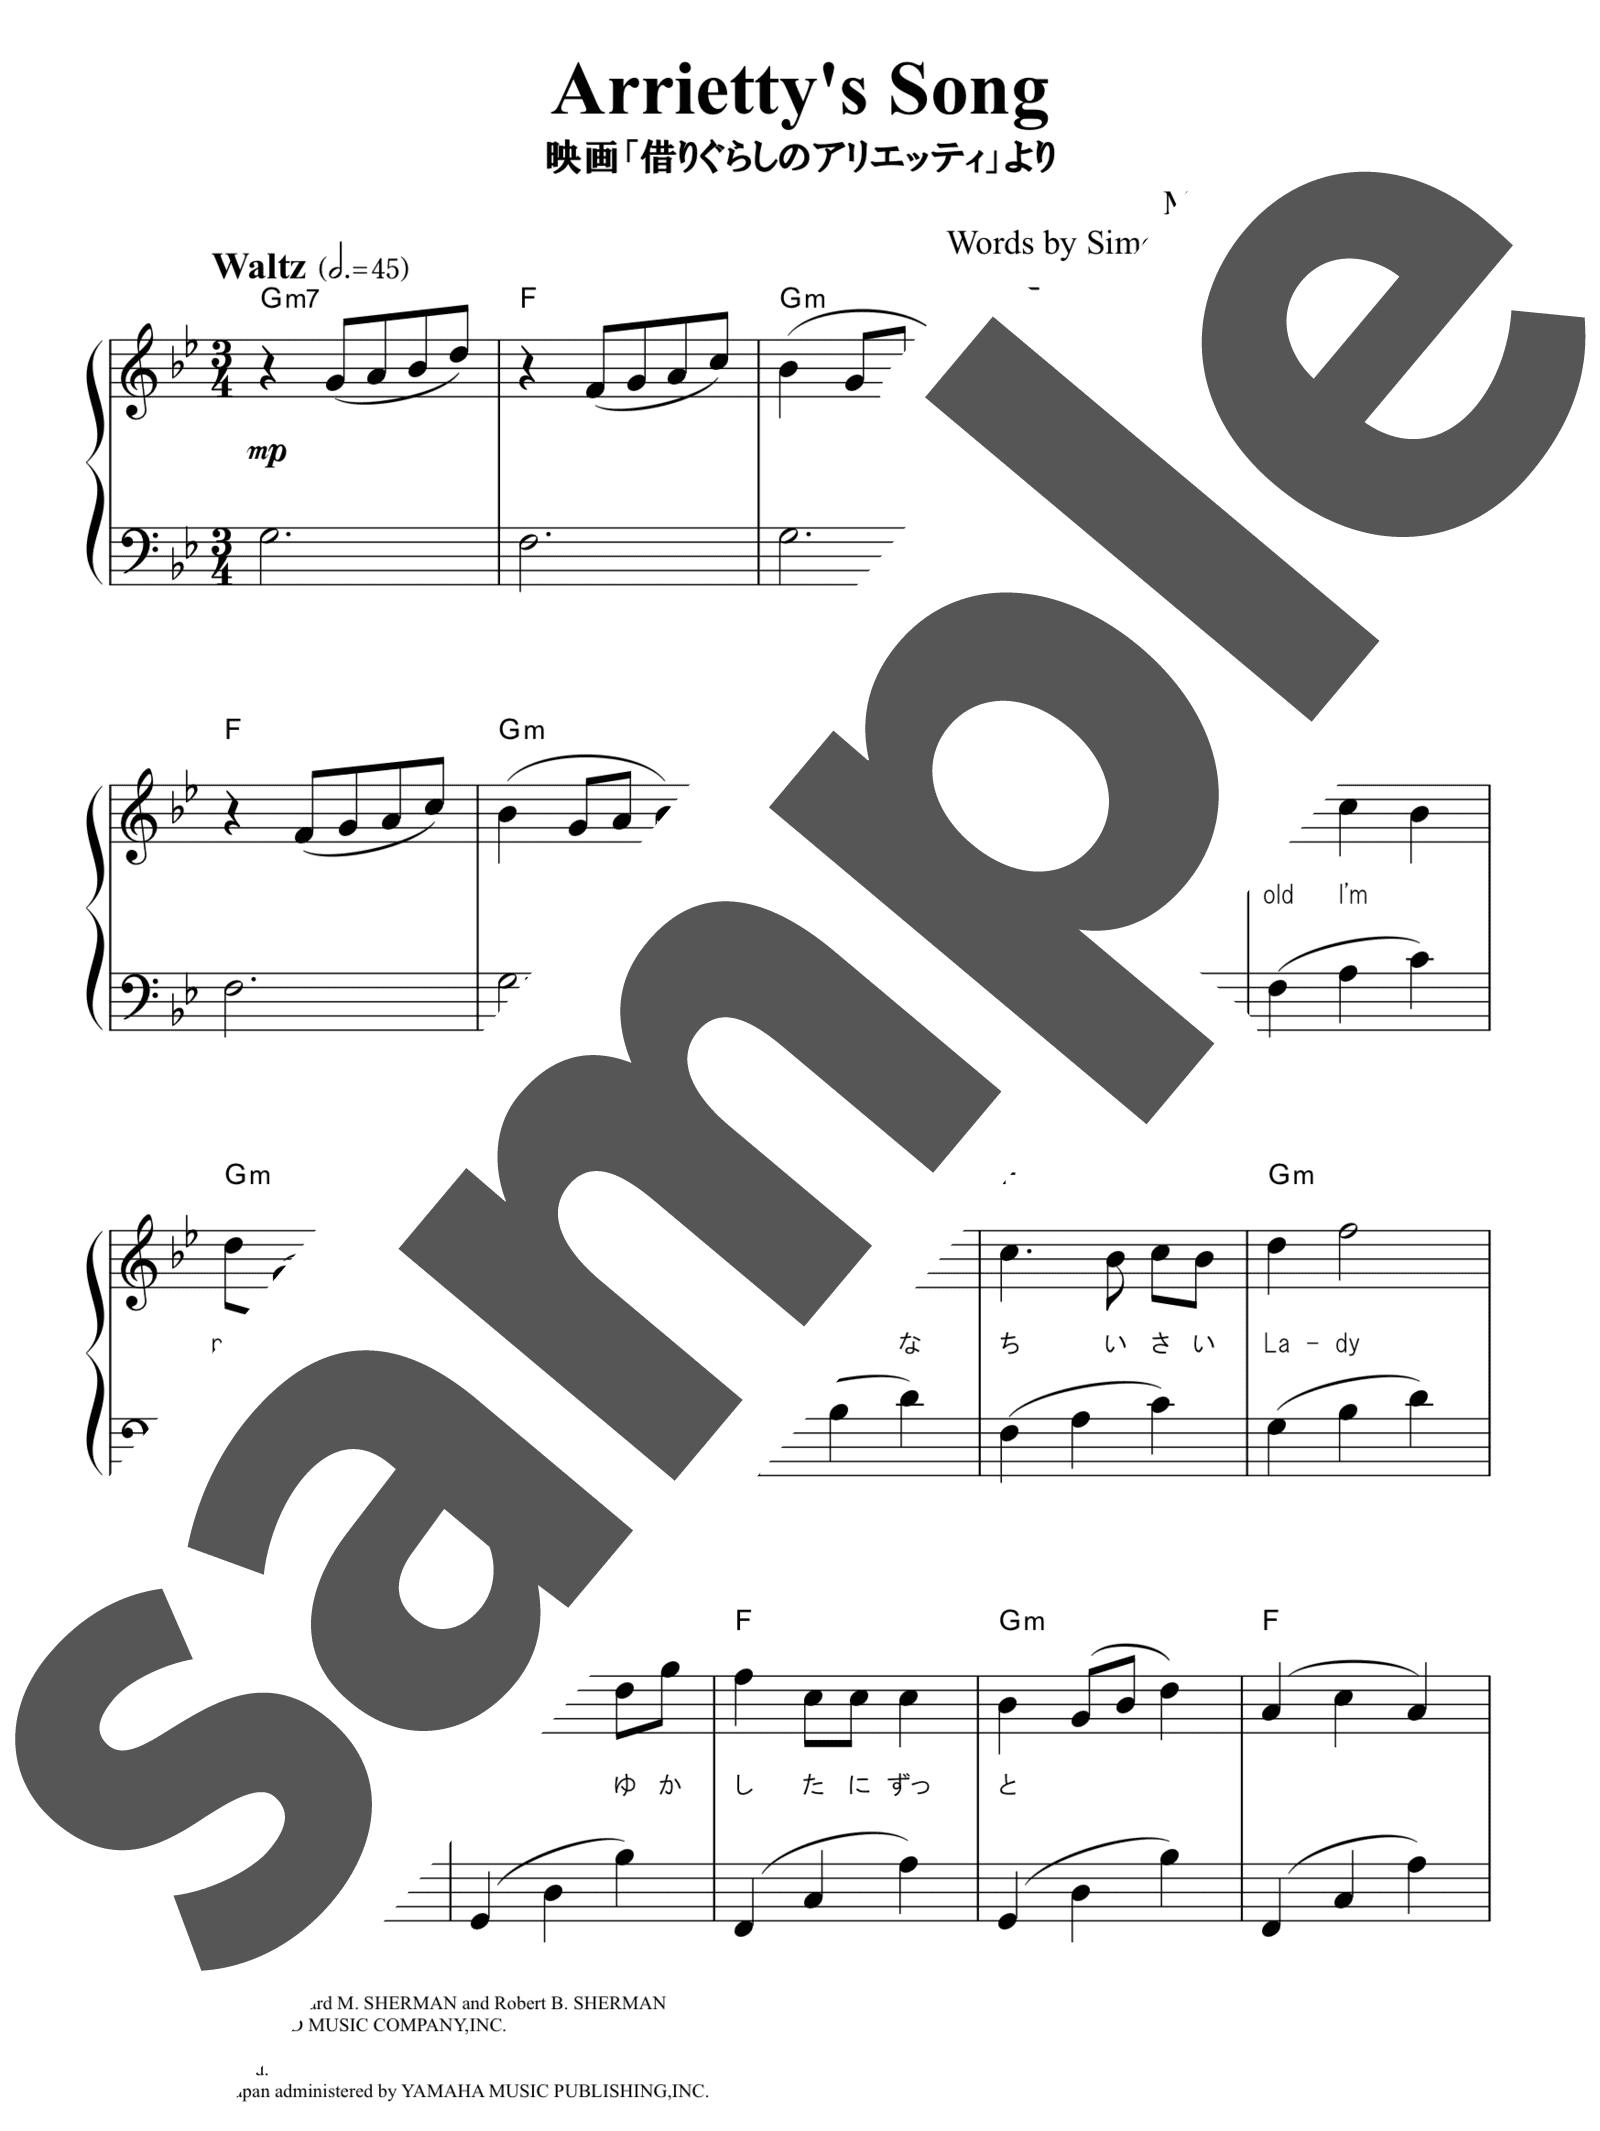 「アリエッティのテーマ」のサンプル楽譜